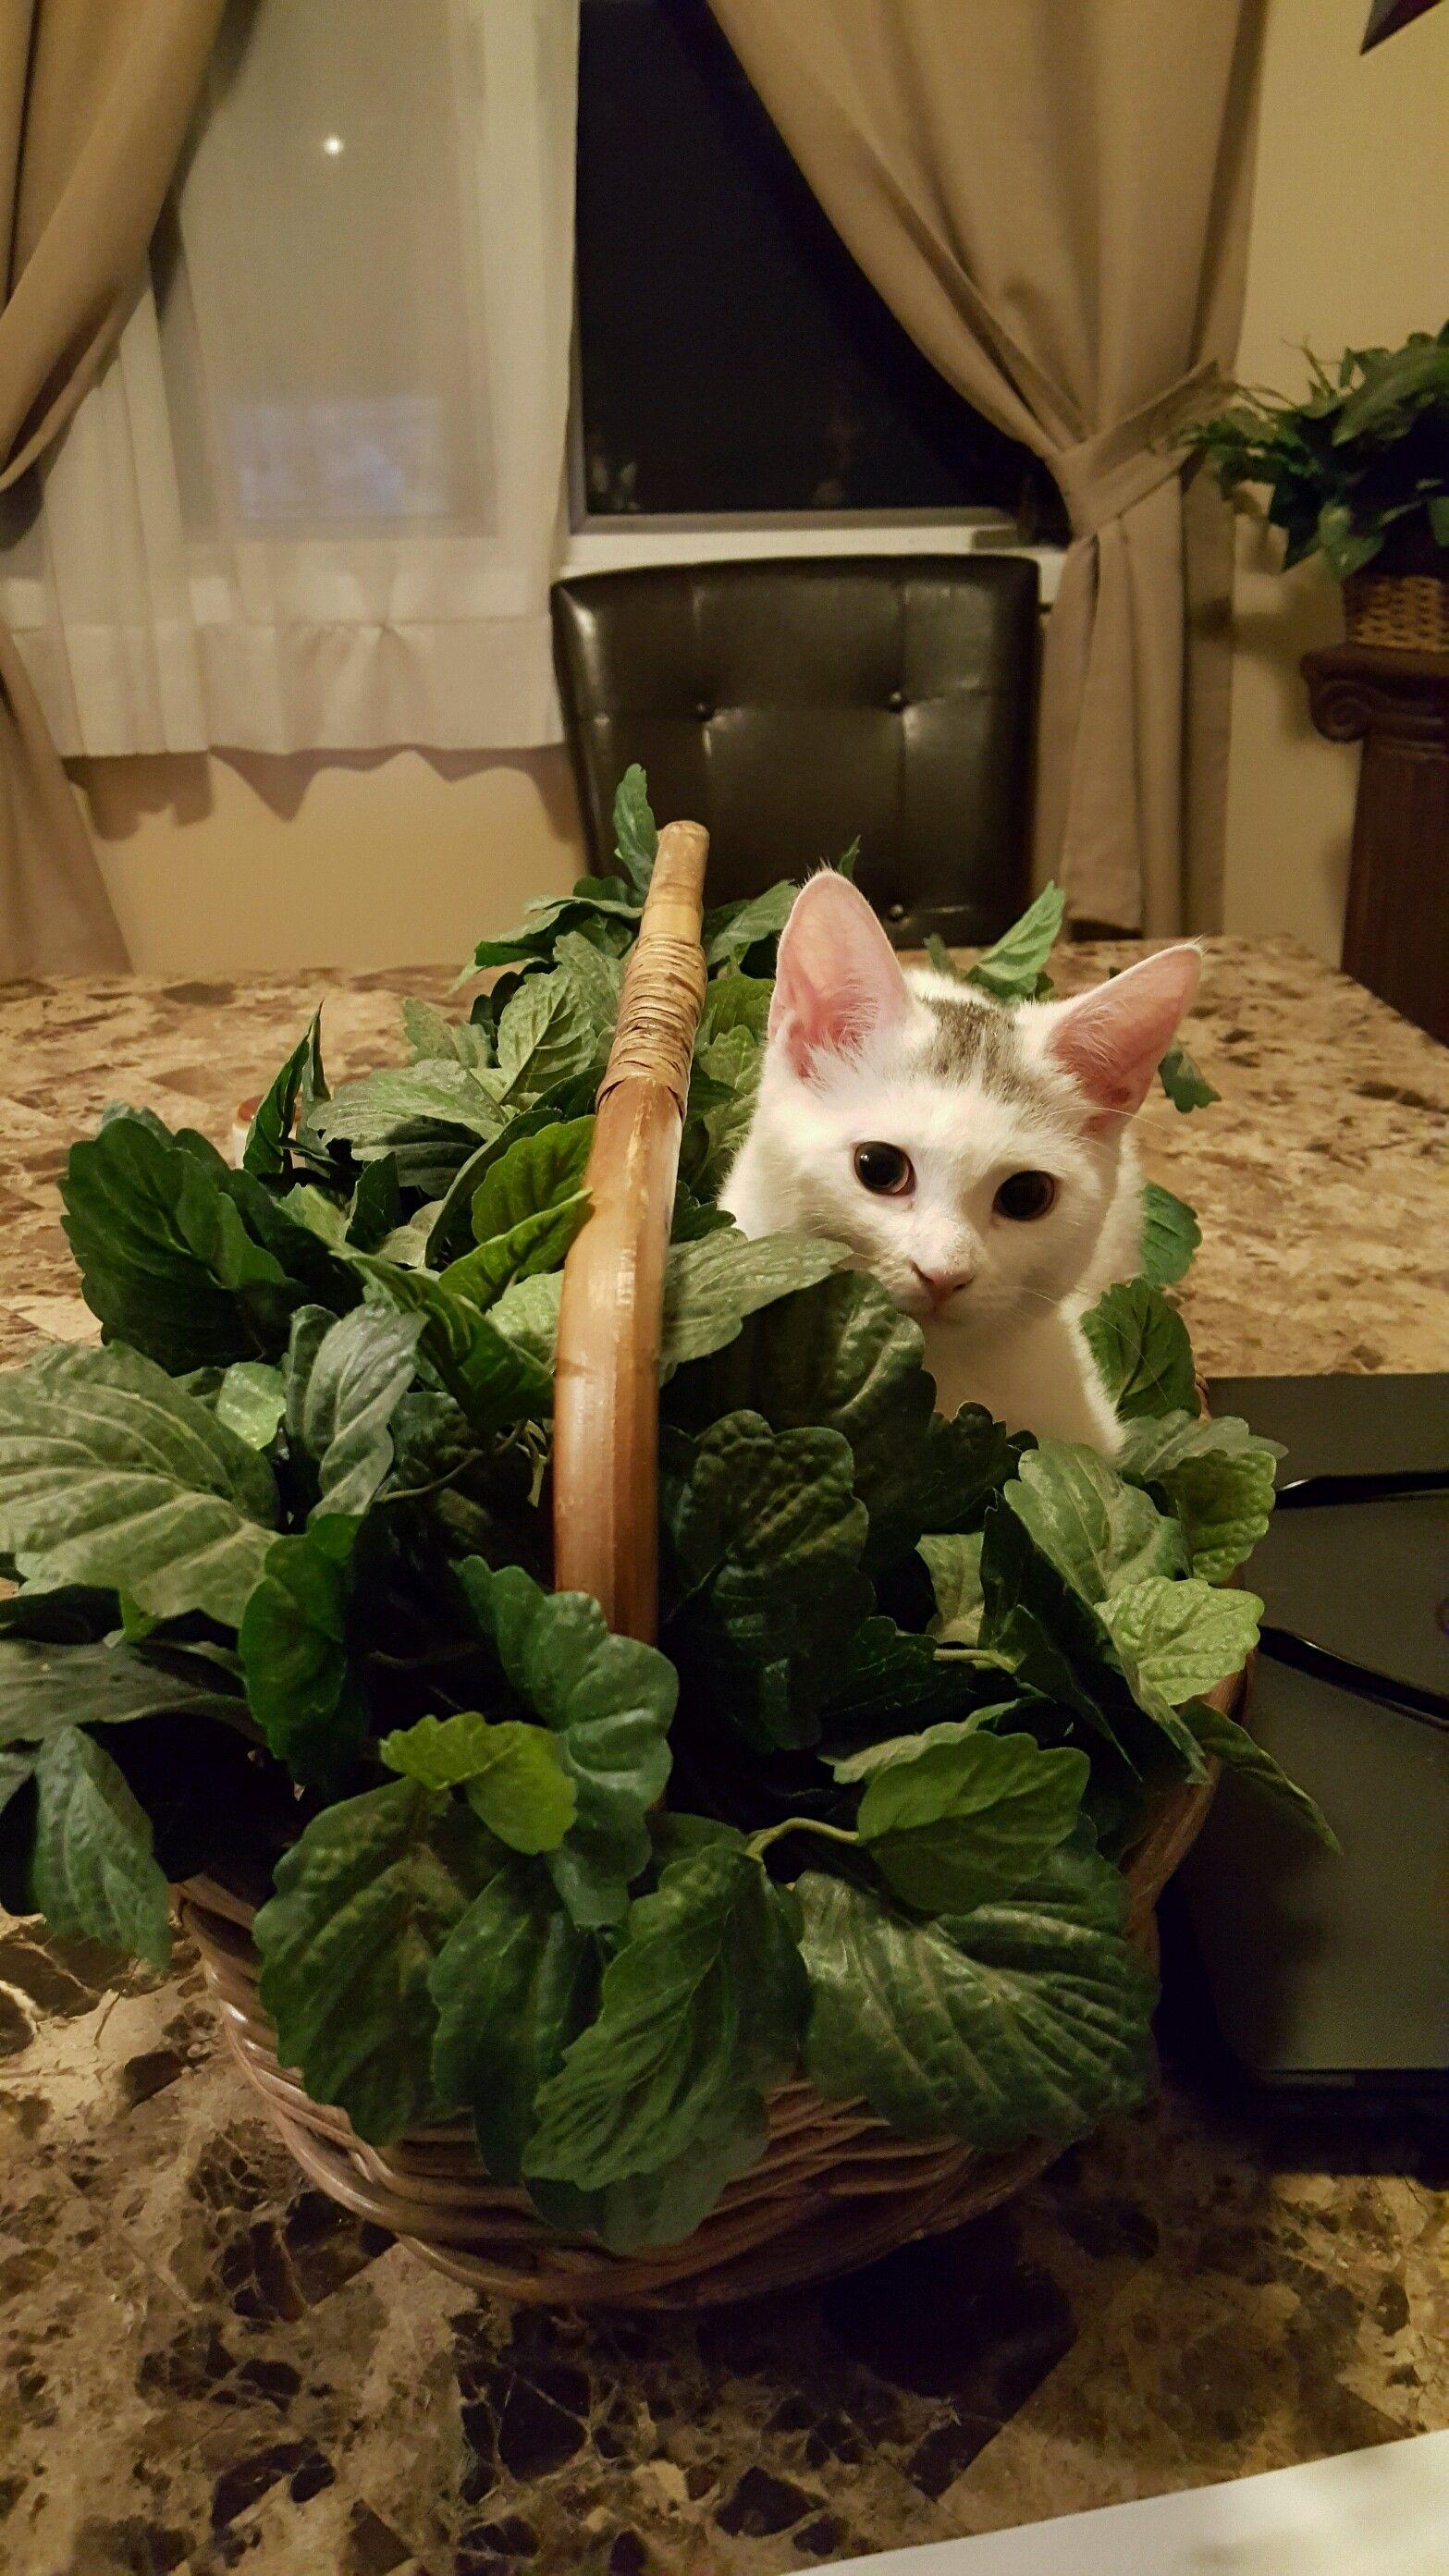 My new Kitten Kate